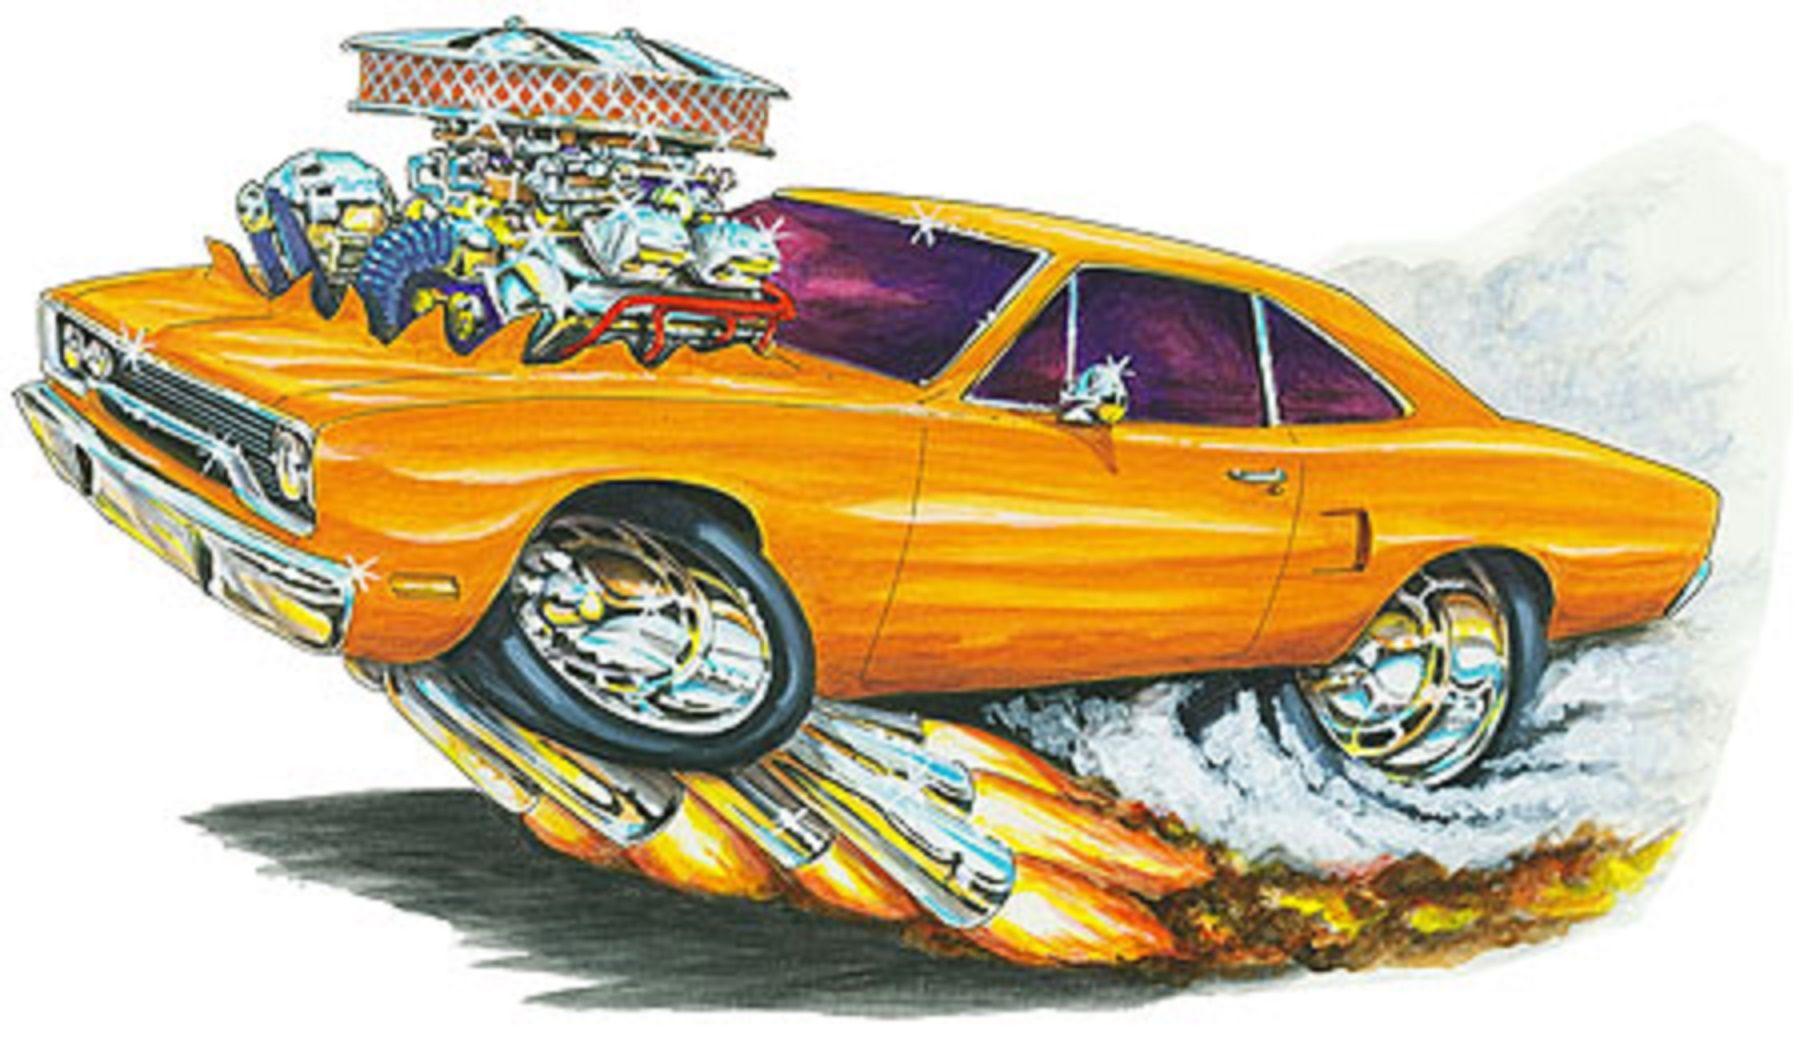 1970 plymouth roadrunner http 1maddmax com md167roadrunner70 html